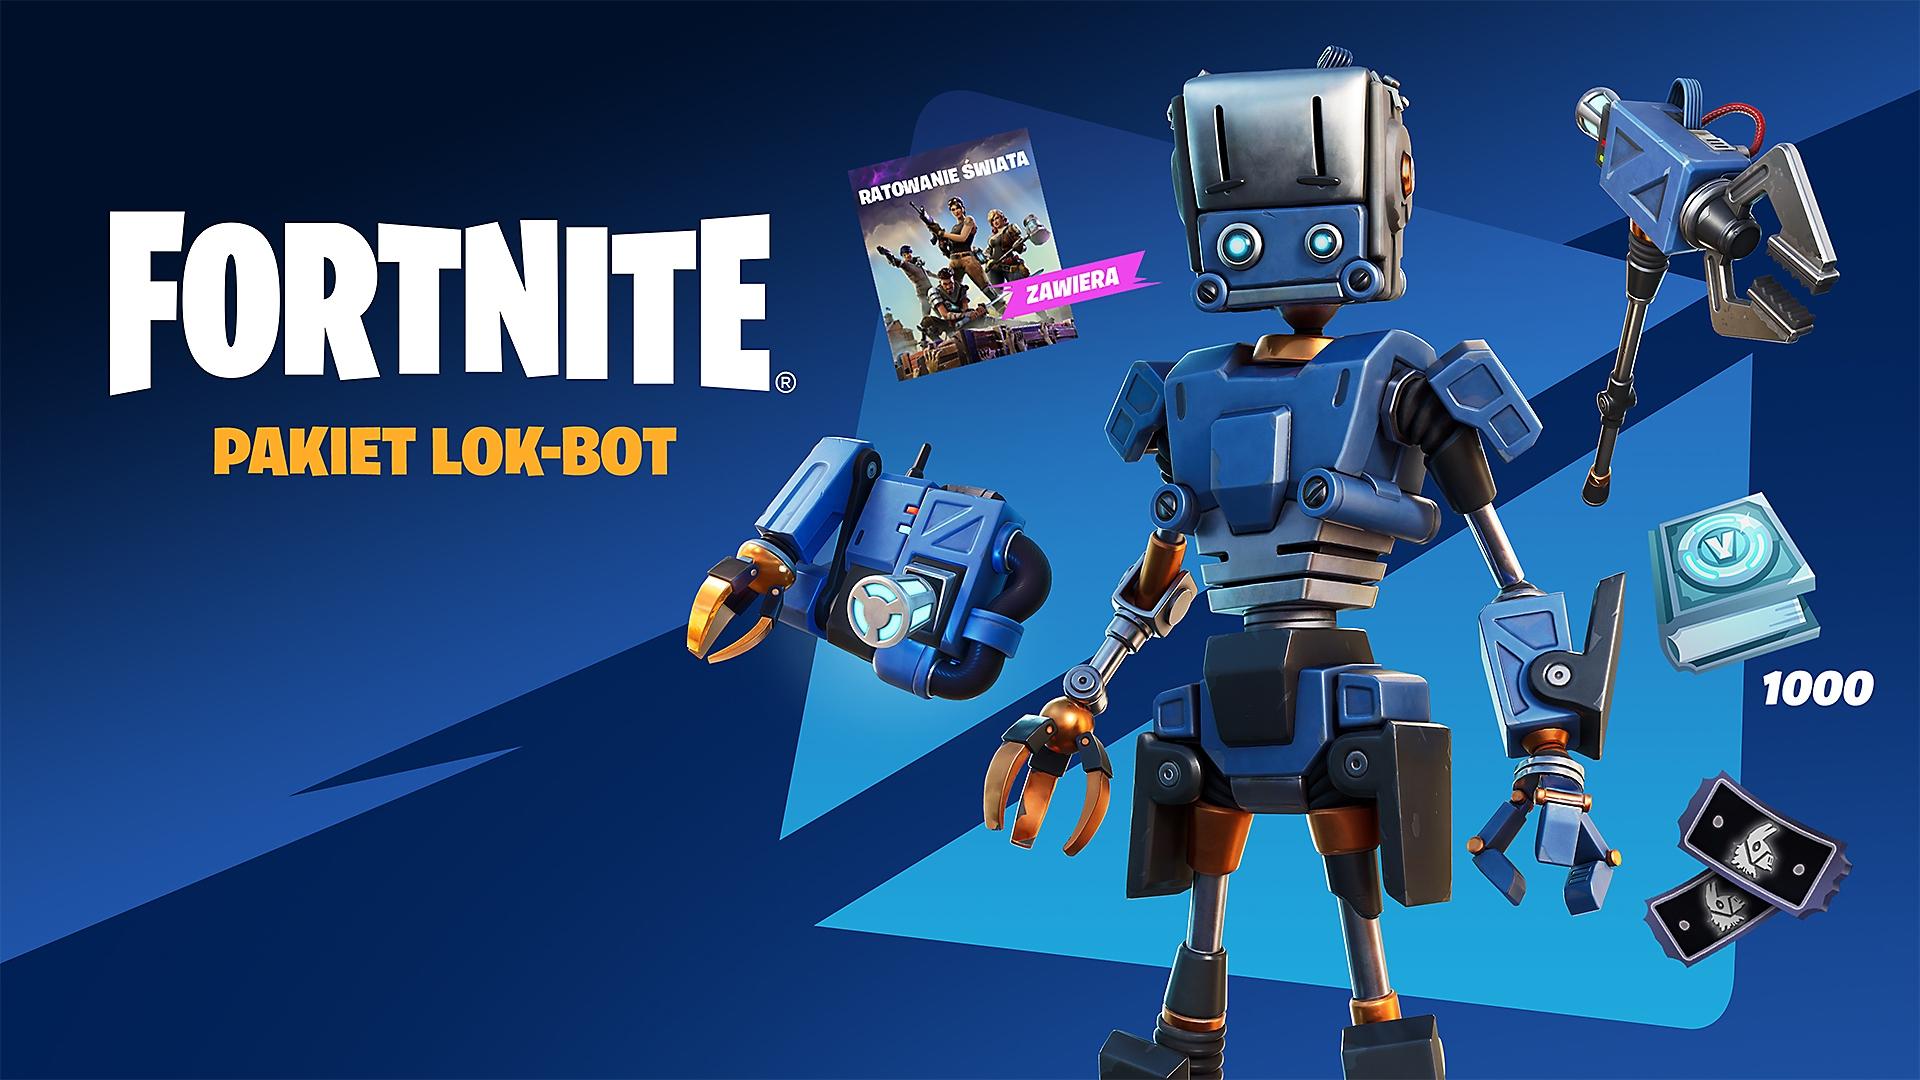 Pakiet Lok-Bot